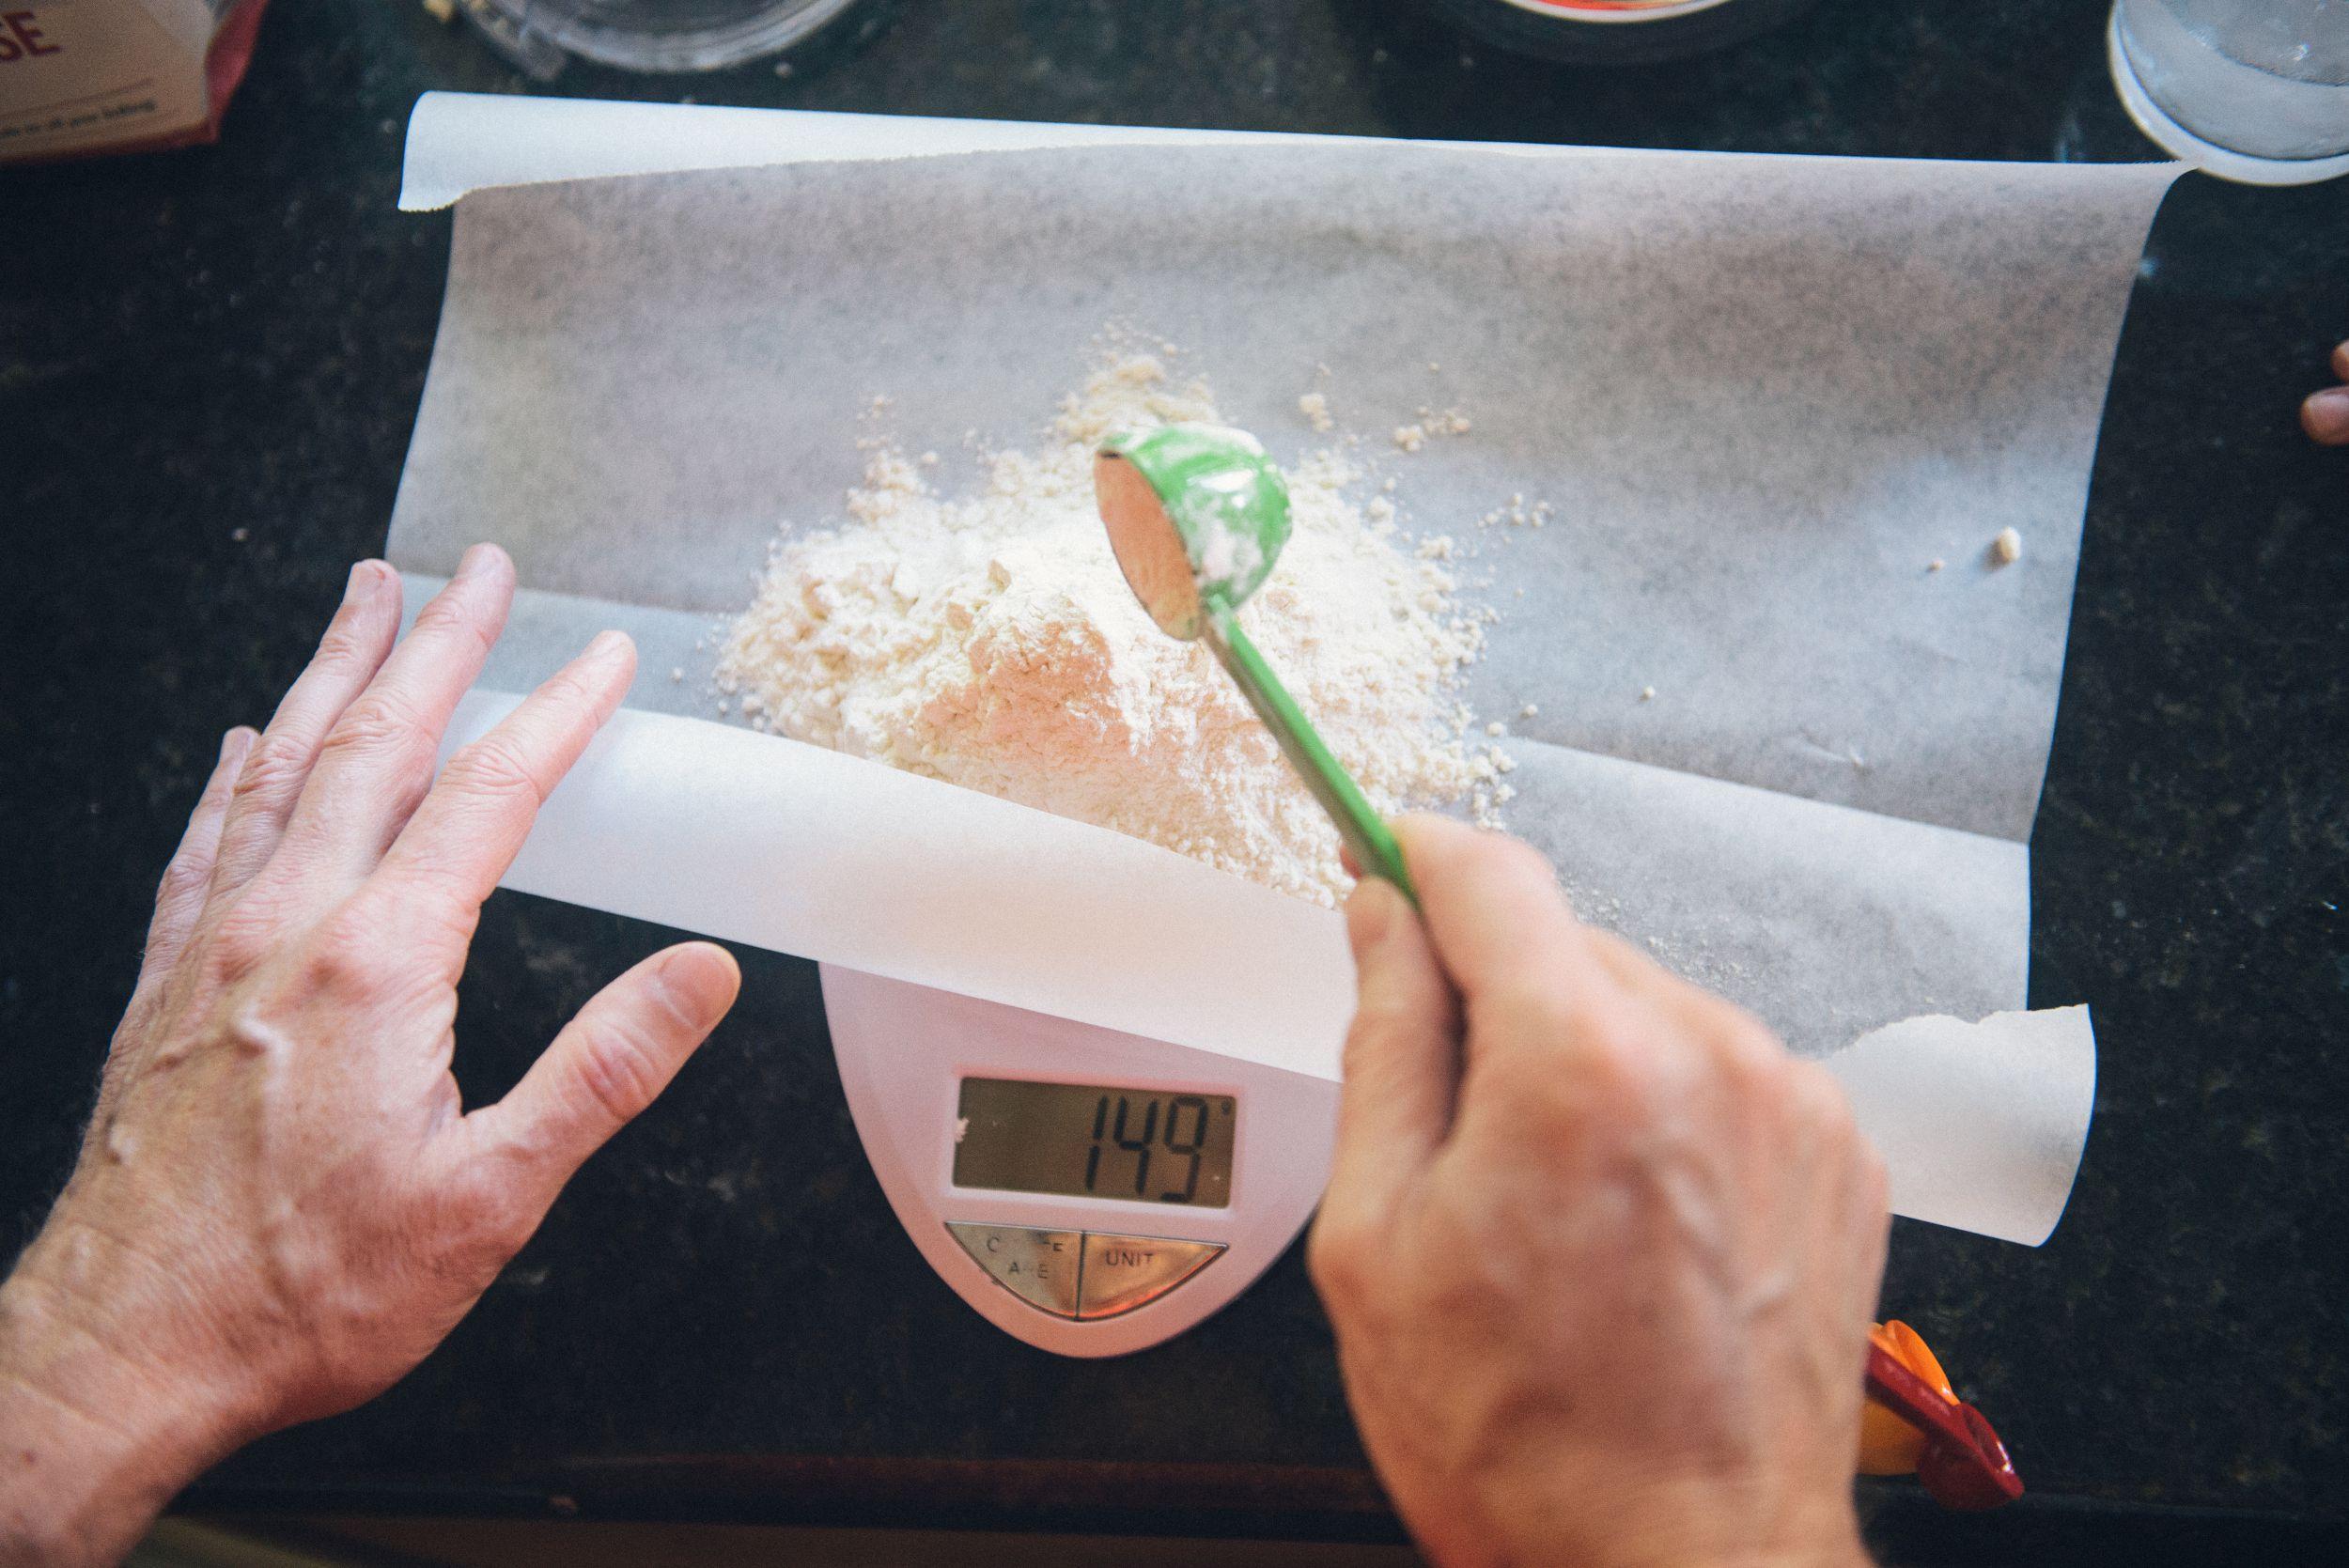 ترفندهای ساده شیرینی پزی:مواد اولیه را به درستی اندازهگیری کنید